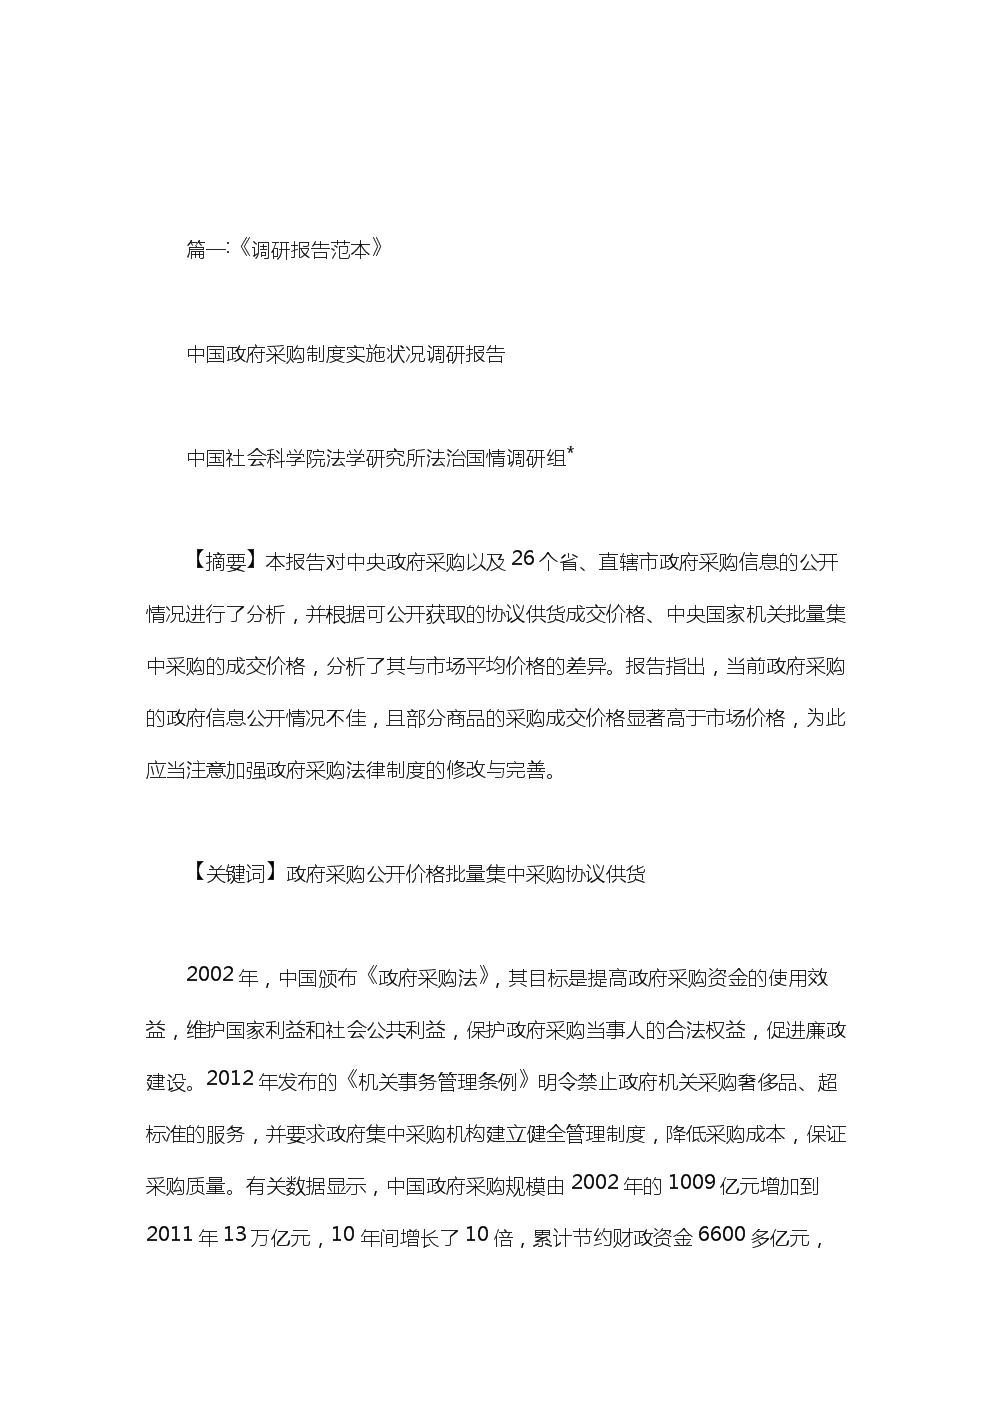 政府部门调研报告格式范文.doc